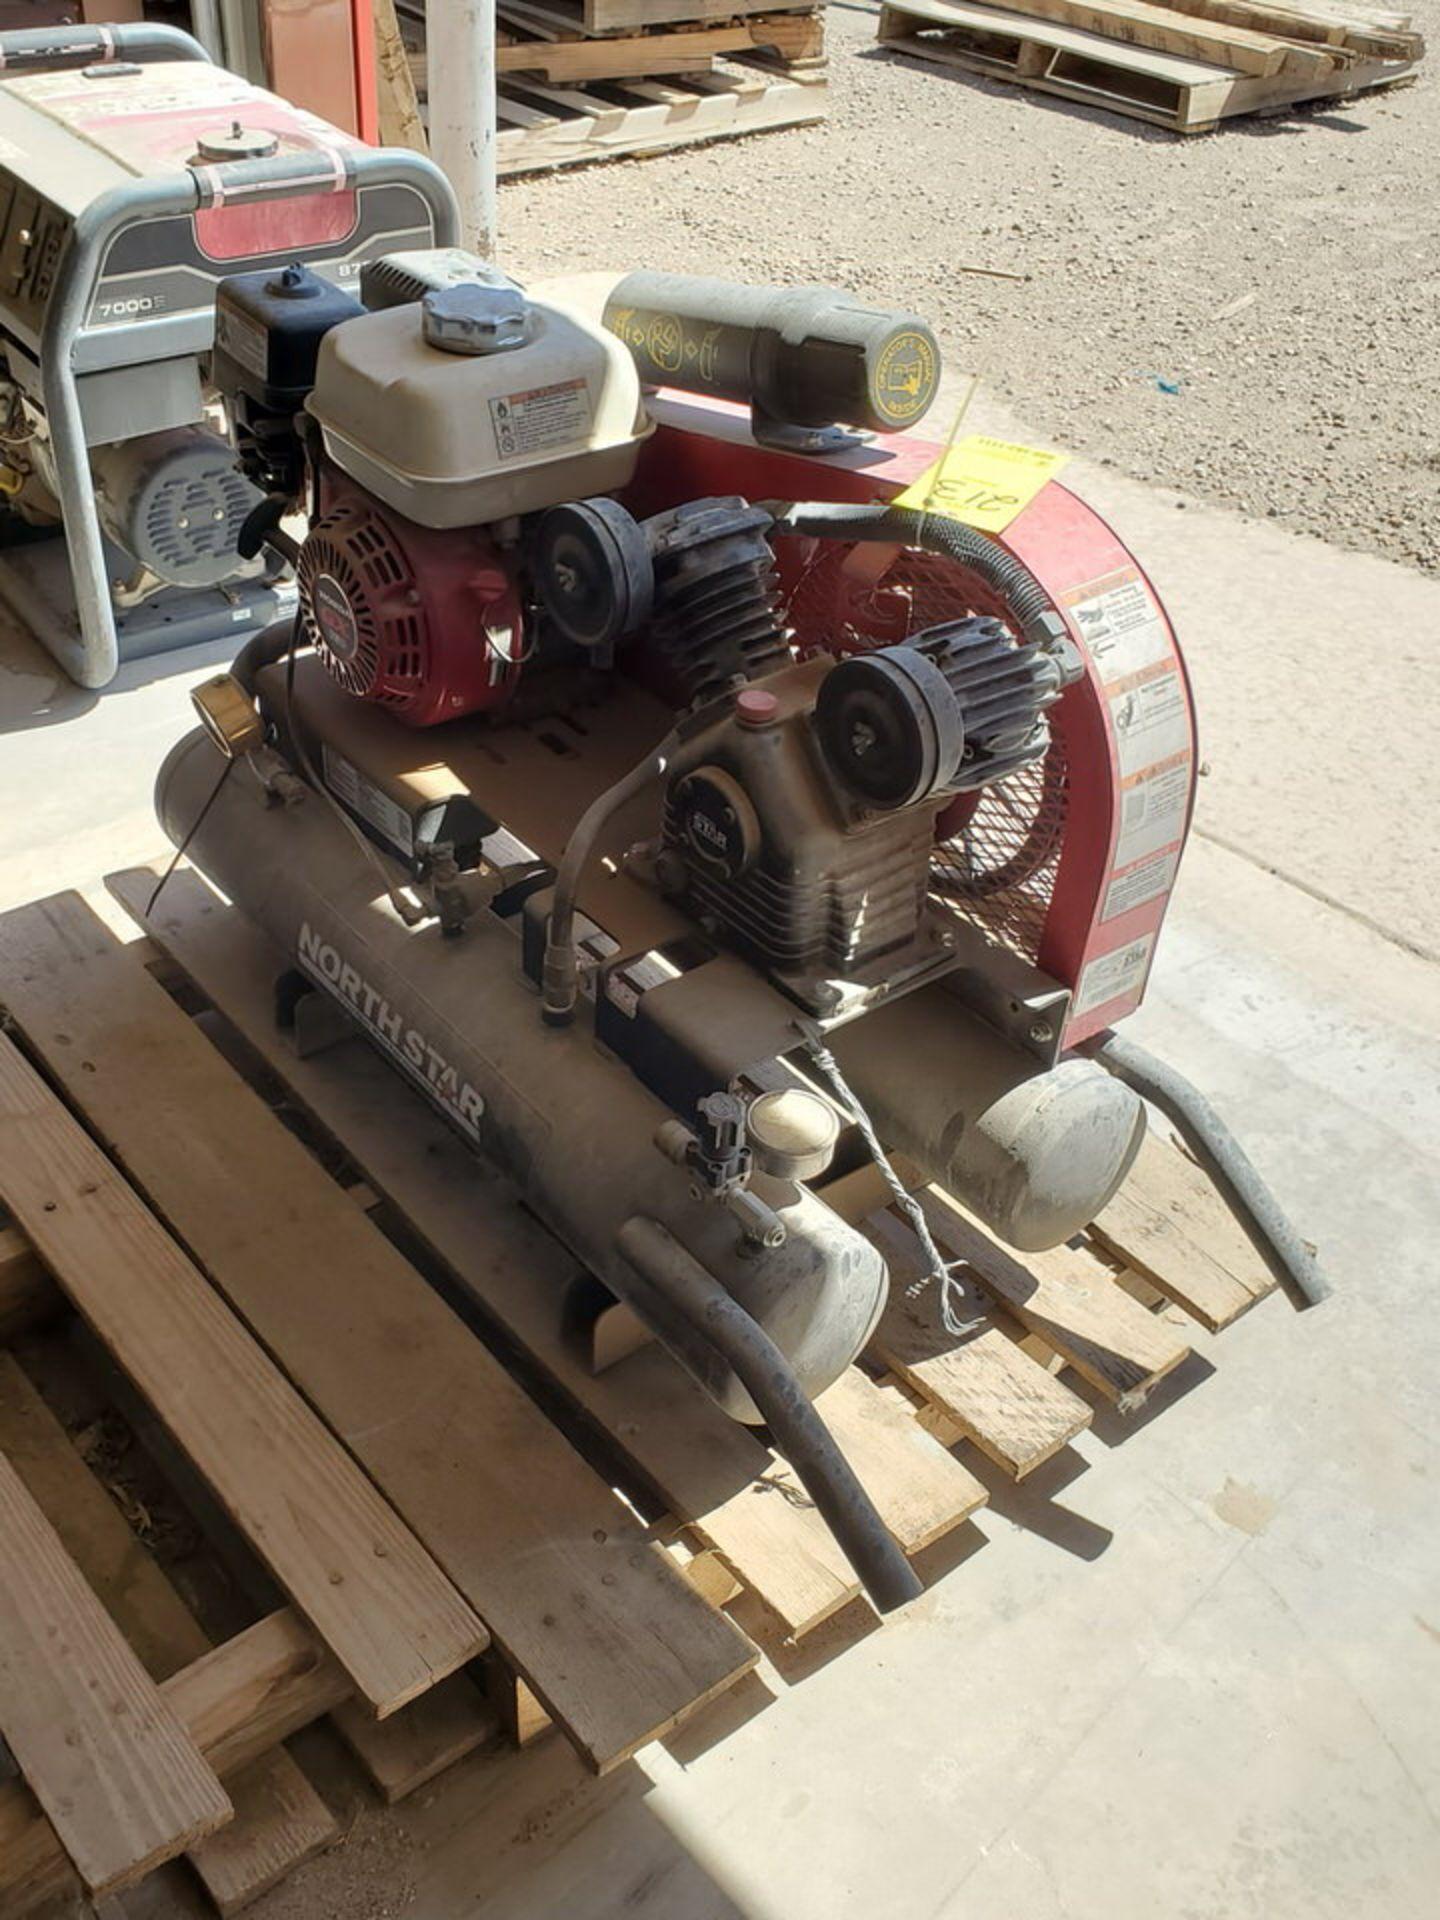 North Star Air Compressor 130psi, 8Gal Cap., W/ Honda GX160 Engine, 15.7CFM@90psi - Image 4 of 6